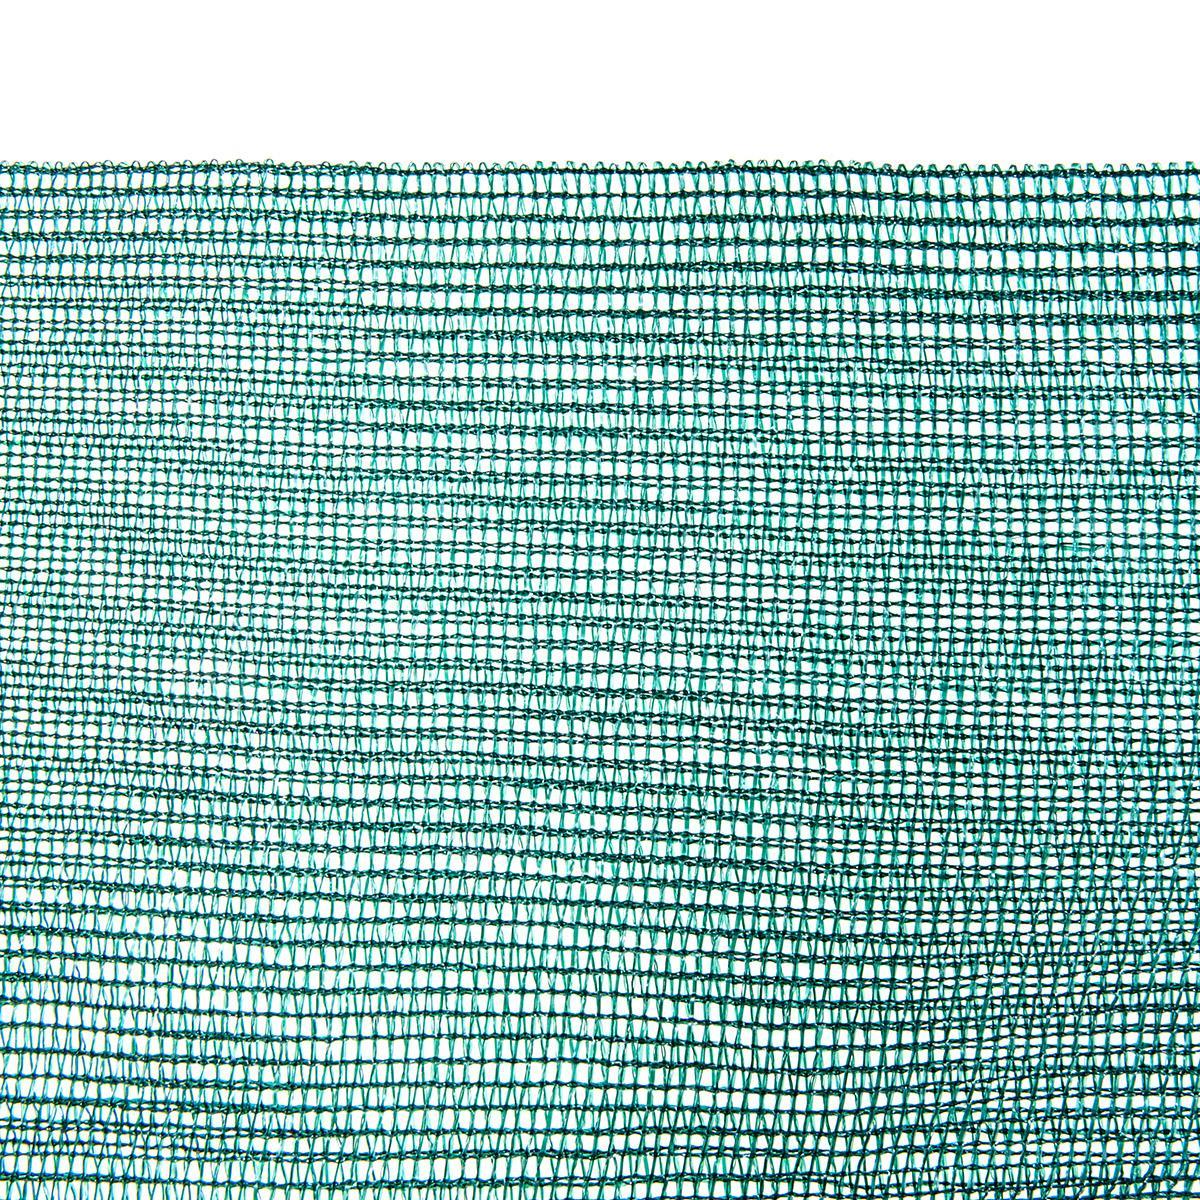 maulwurfnetz in 3m breite (meterware) maulwurf schutznetz rasen